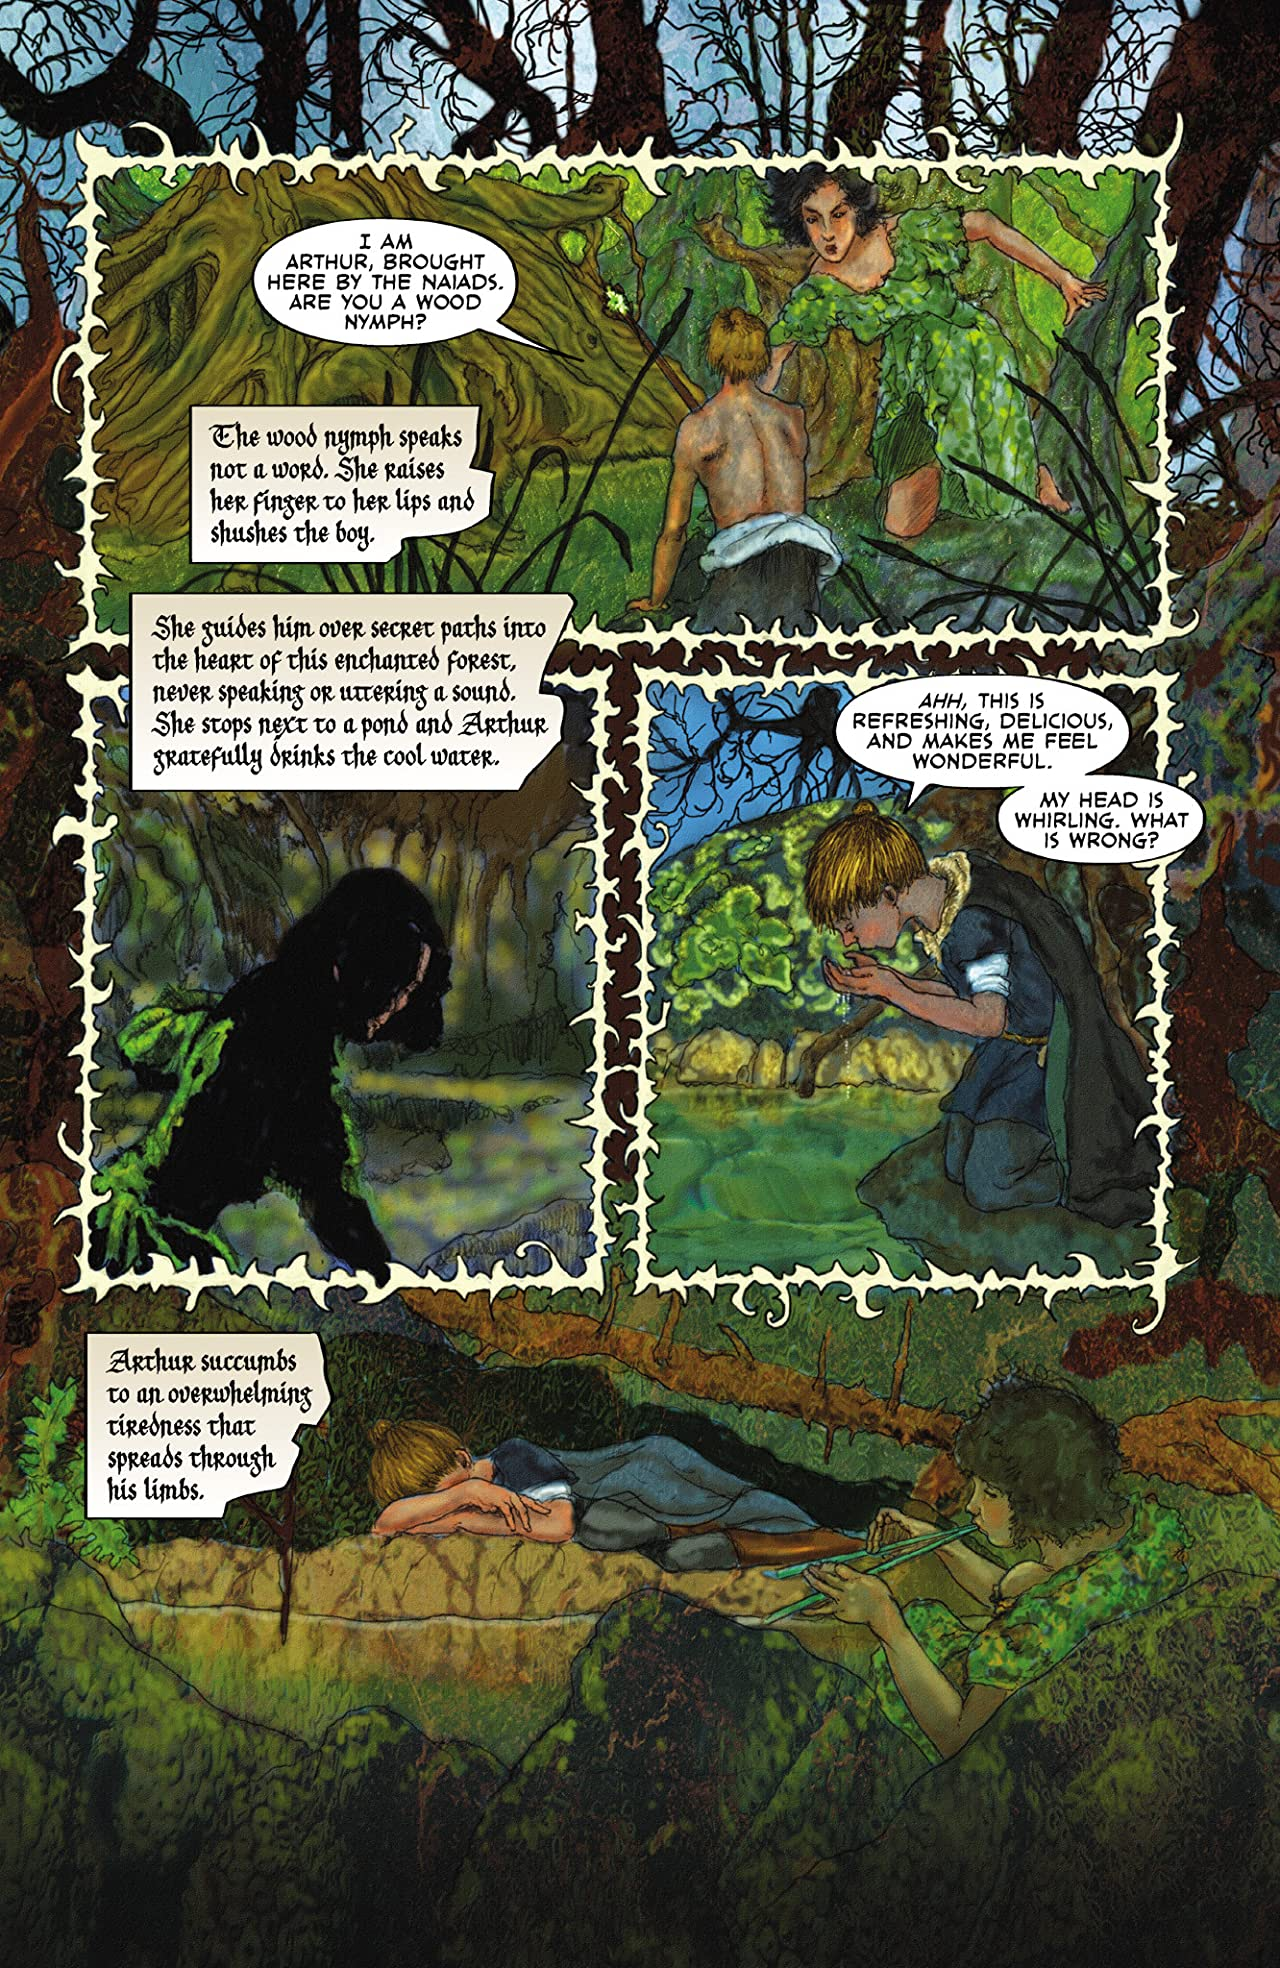 Eye of Newt #4